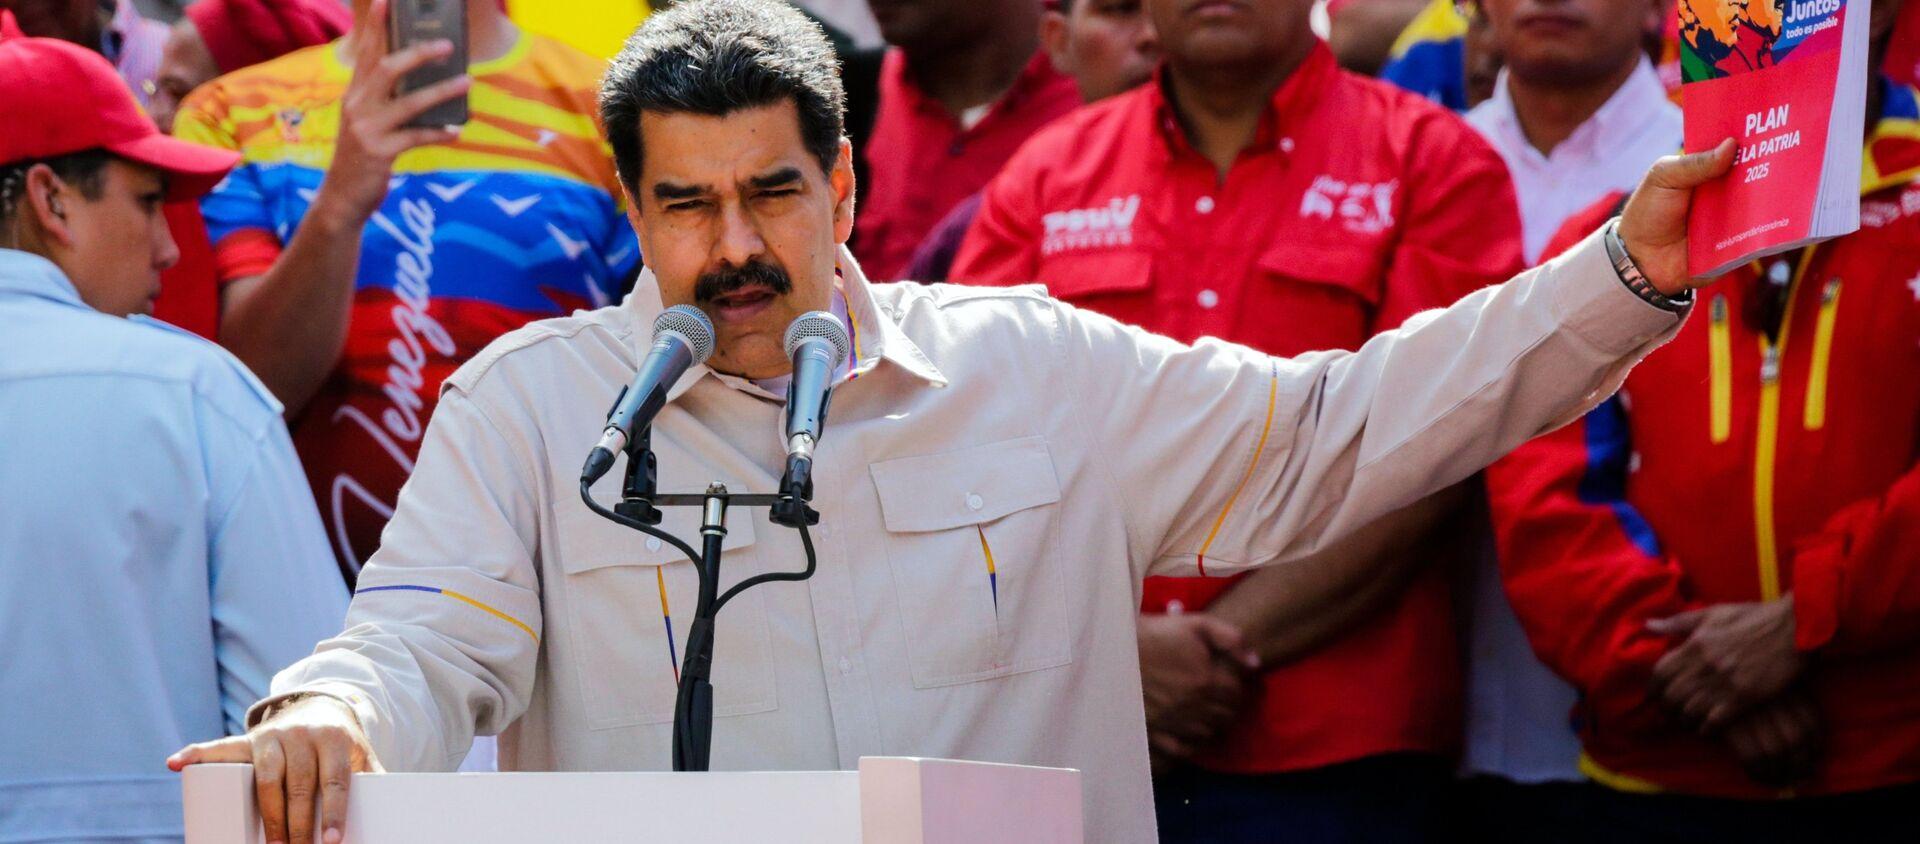 Nicolás Maduro, presidente de Venezuela - Sputnik Mundo, 1920, 29.05.2019